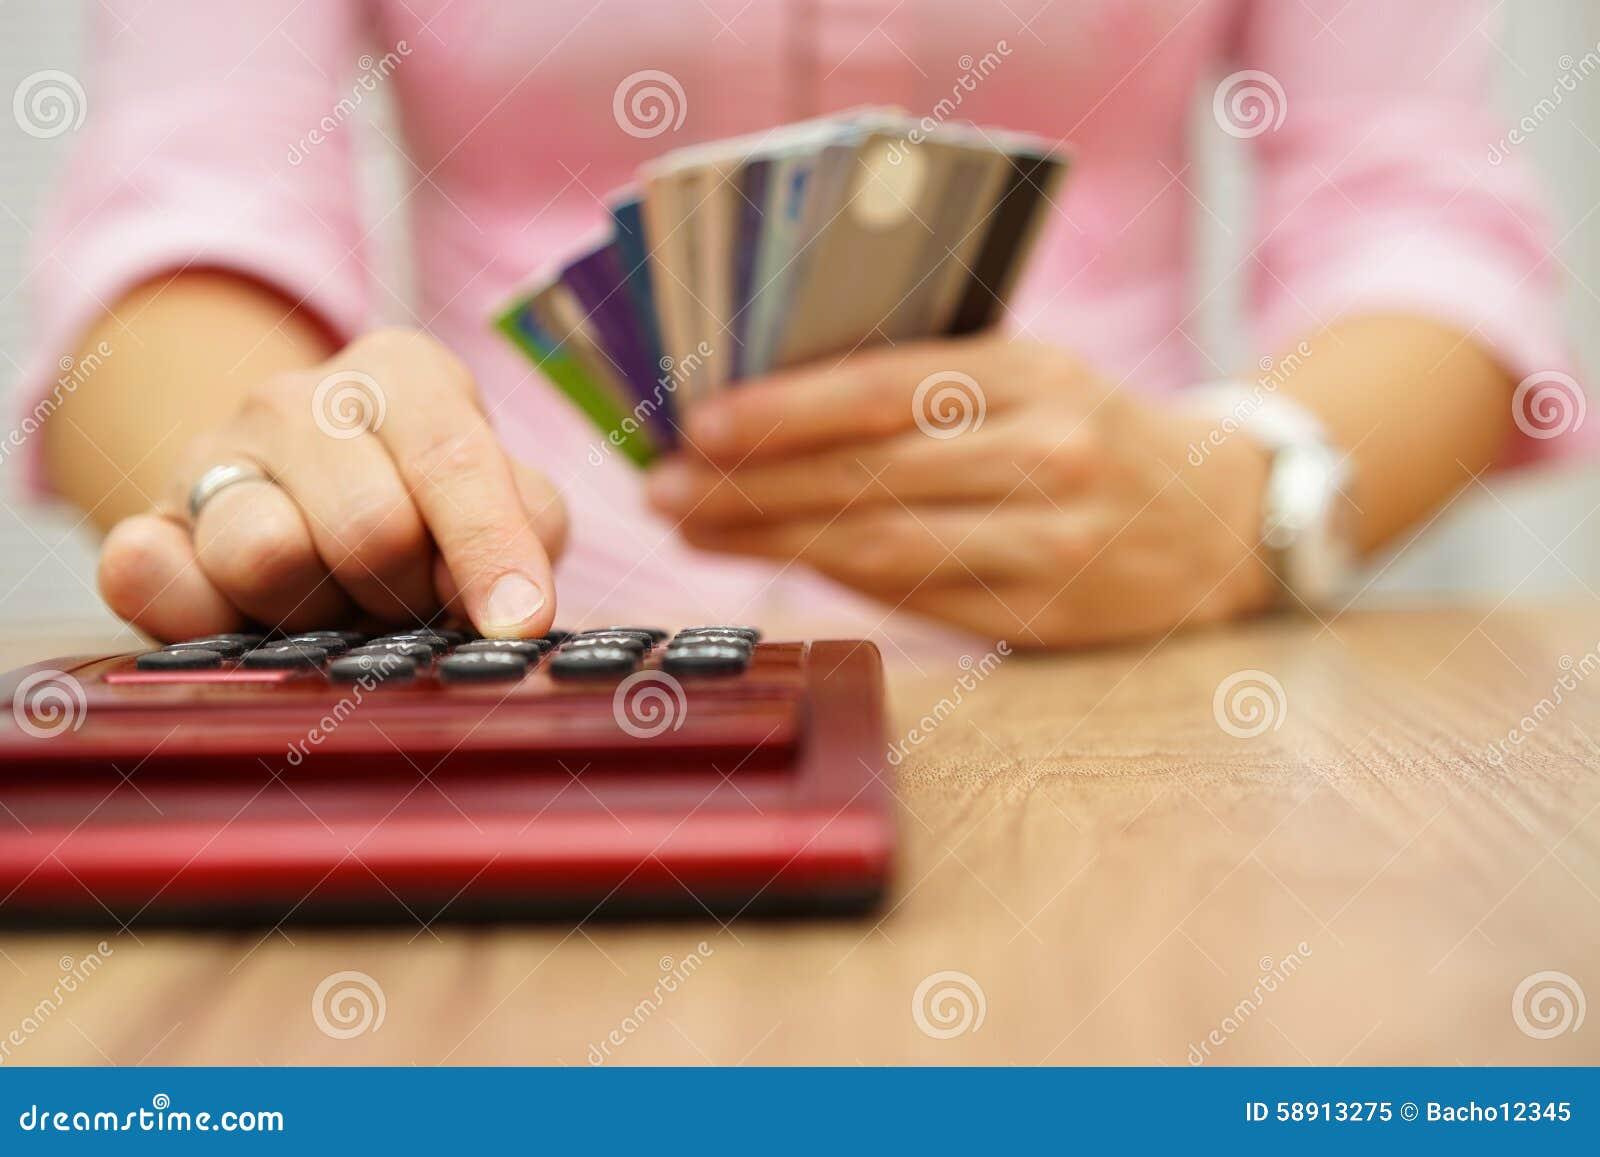 Kobieta kalkuluje ile kosztu lub wydatki z kredytowymi kartami